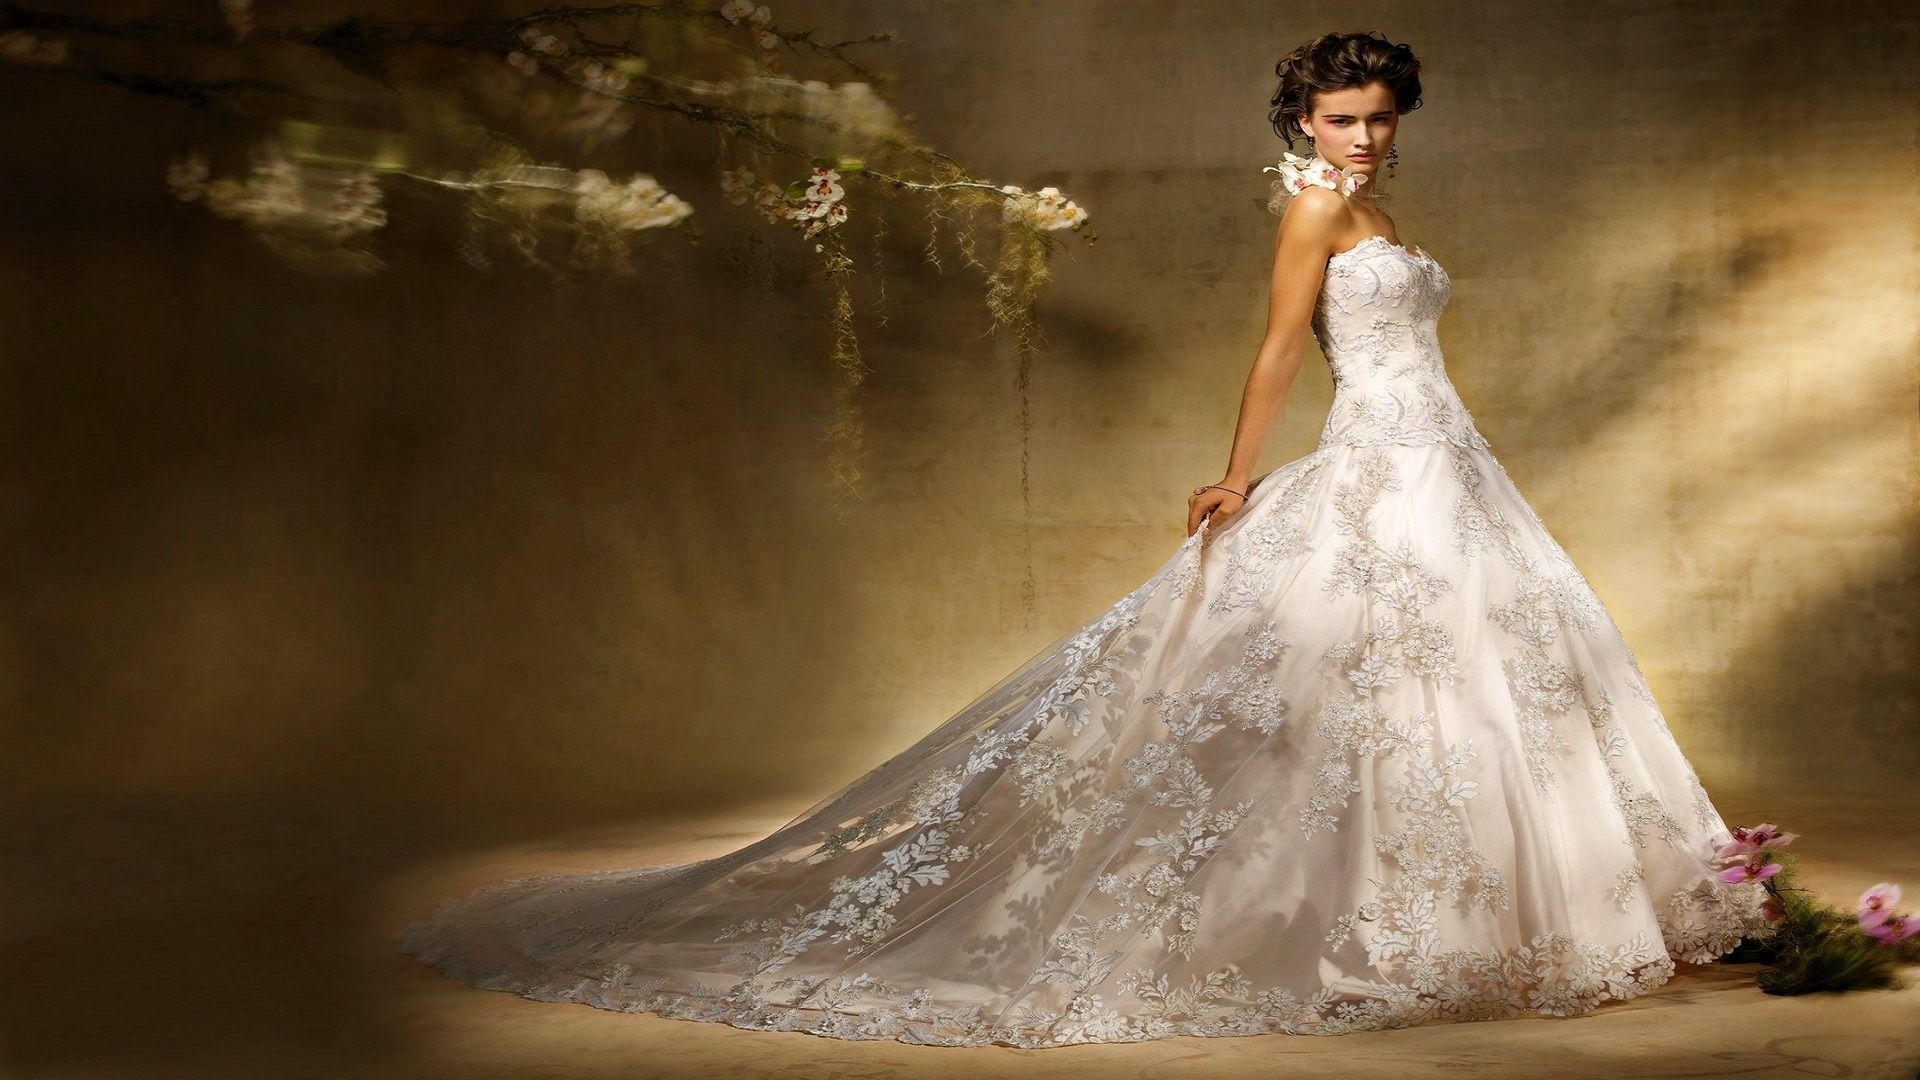 картинка фон свадебный салон невеста космос срубов